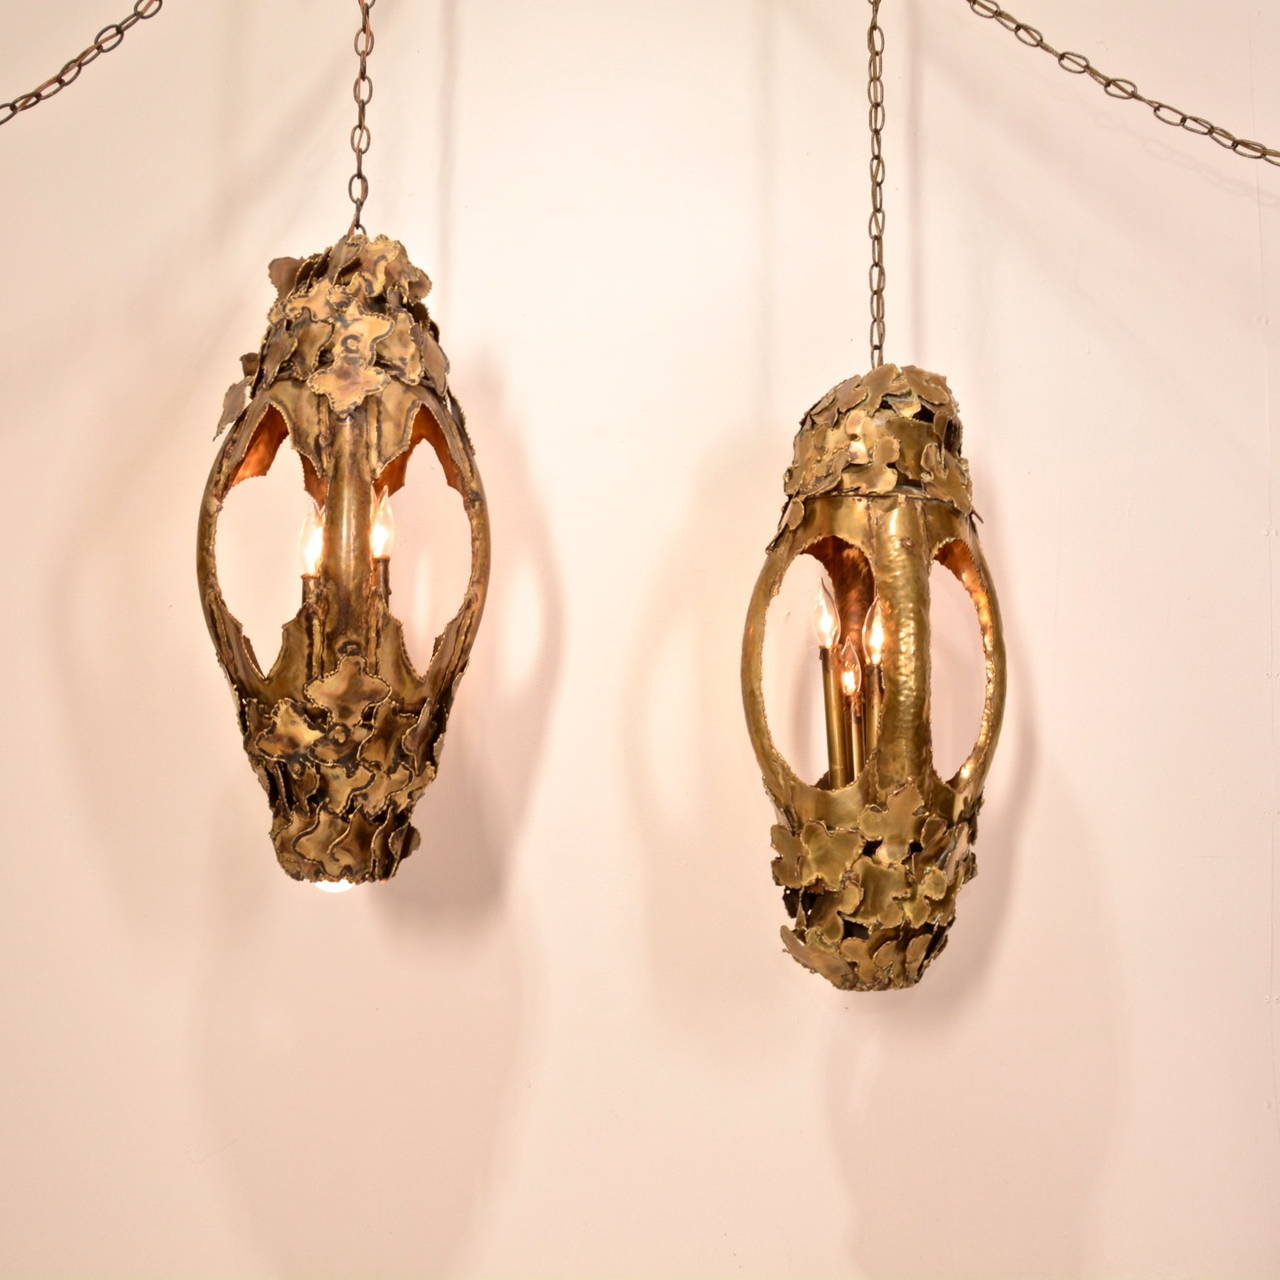 Tom Greene for Feldman Pendant Brutalist Lantern Torch-Cut Brass For Sale 5